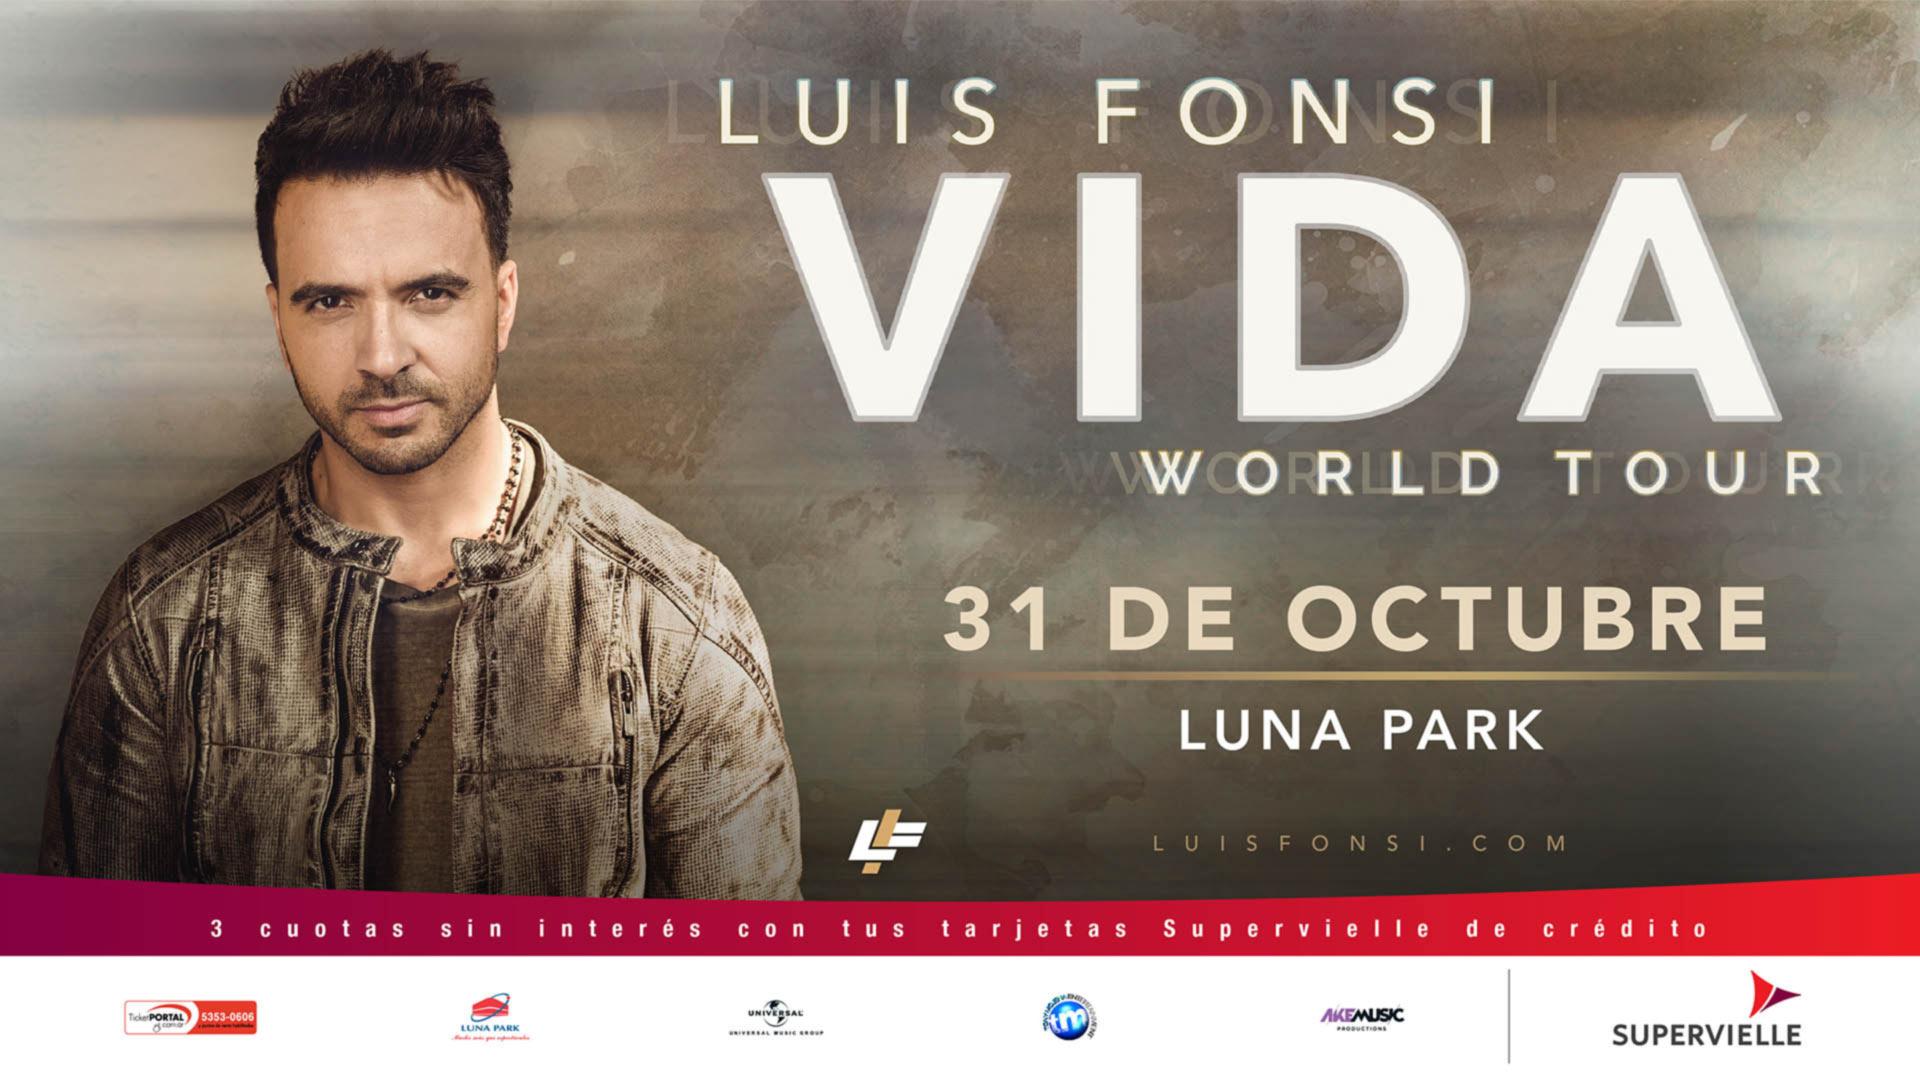 Luis Fonsi Stadium Luna Park